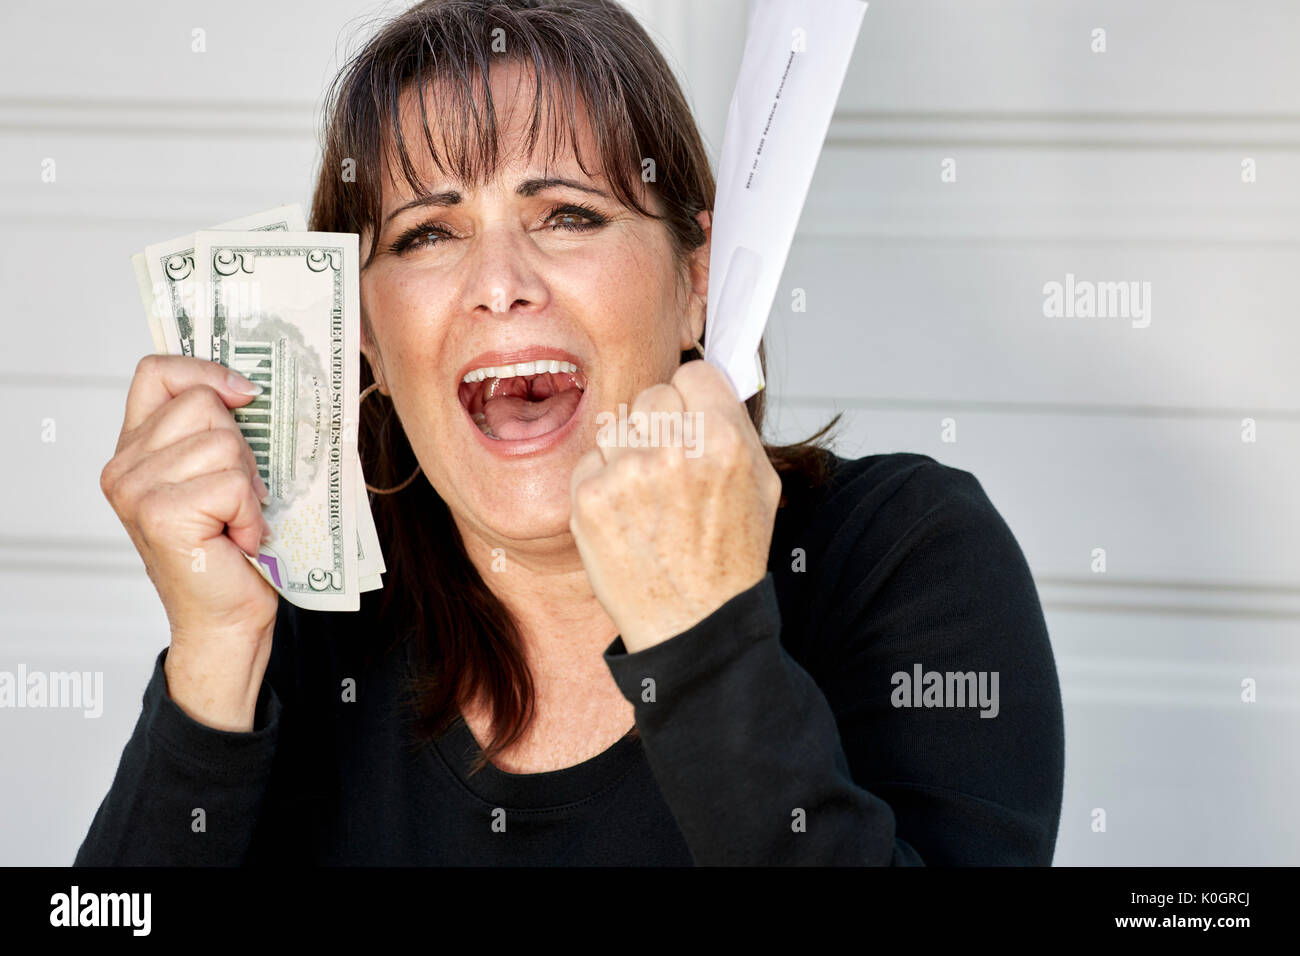 Una donna di mezza età tenendo le dichiarazioni delle fatture dovuto e valuta statunitense con un sconvolto, urlando espressione Immagini Stock